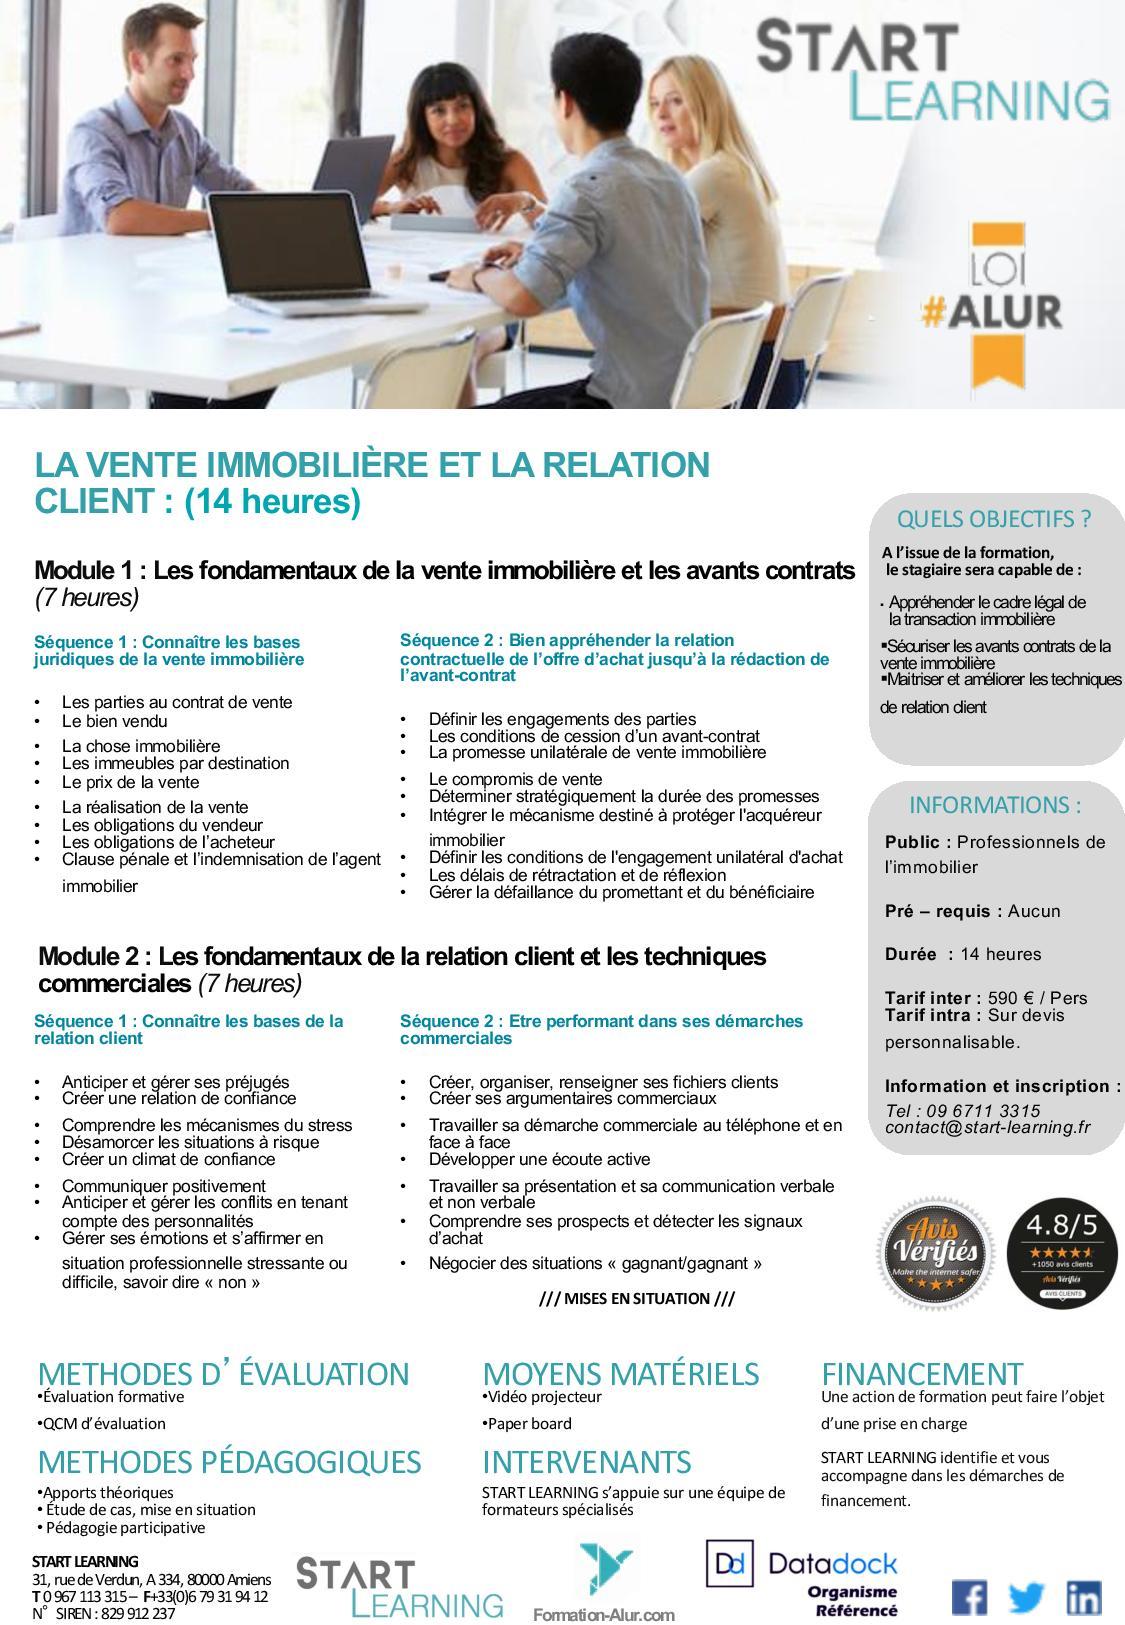 Programme Formation alur agents immobiliers - Vente immobilière et Relation client (2J)